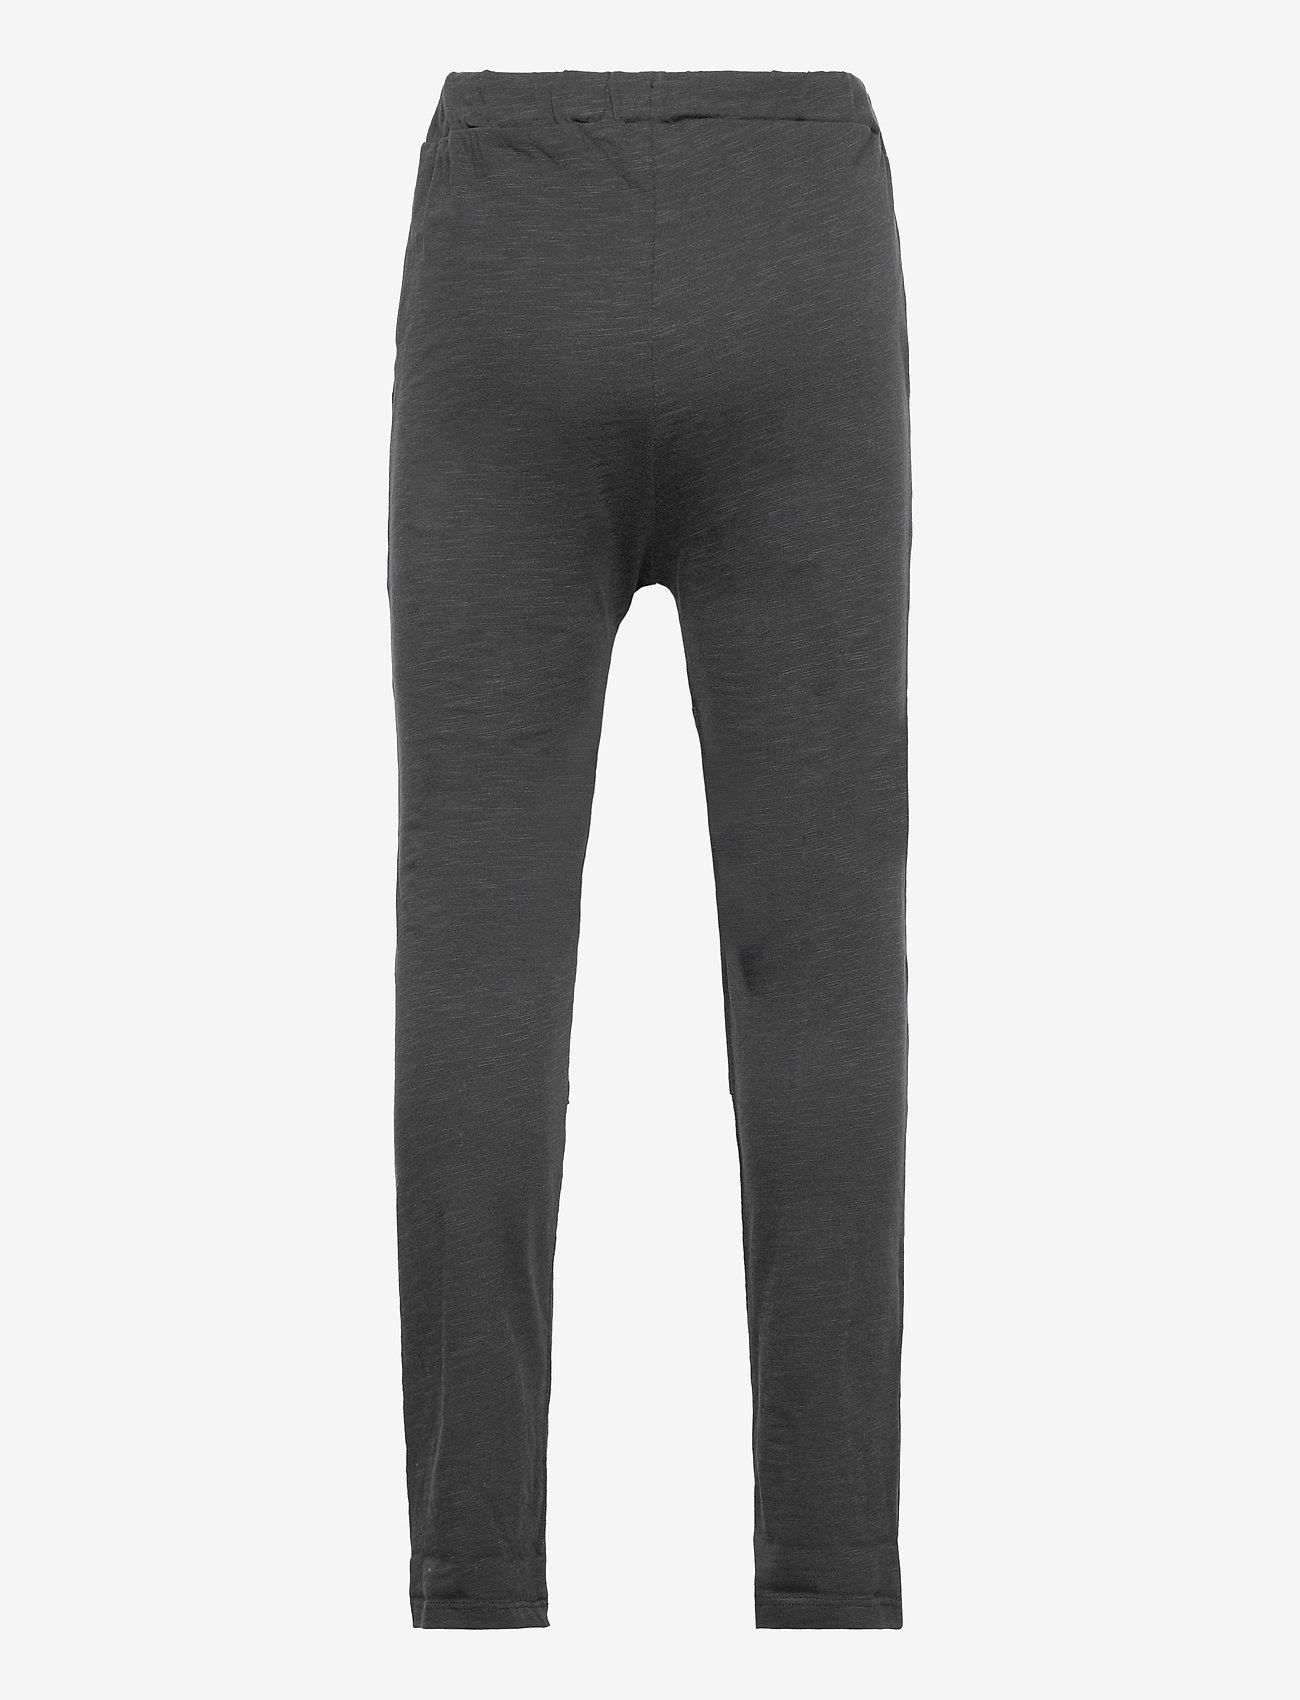 Lindex - Thin slub trousers   knee - sweatpants - black - 1